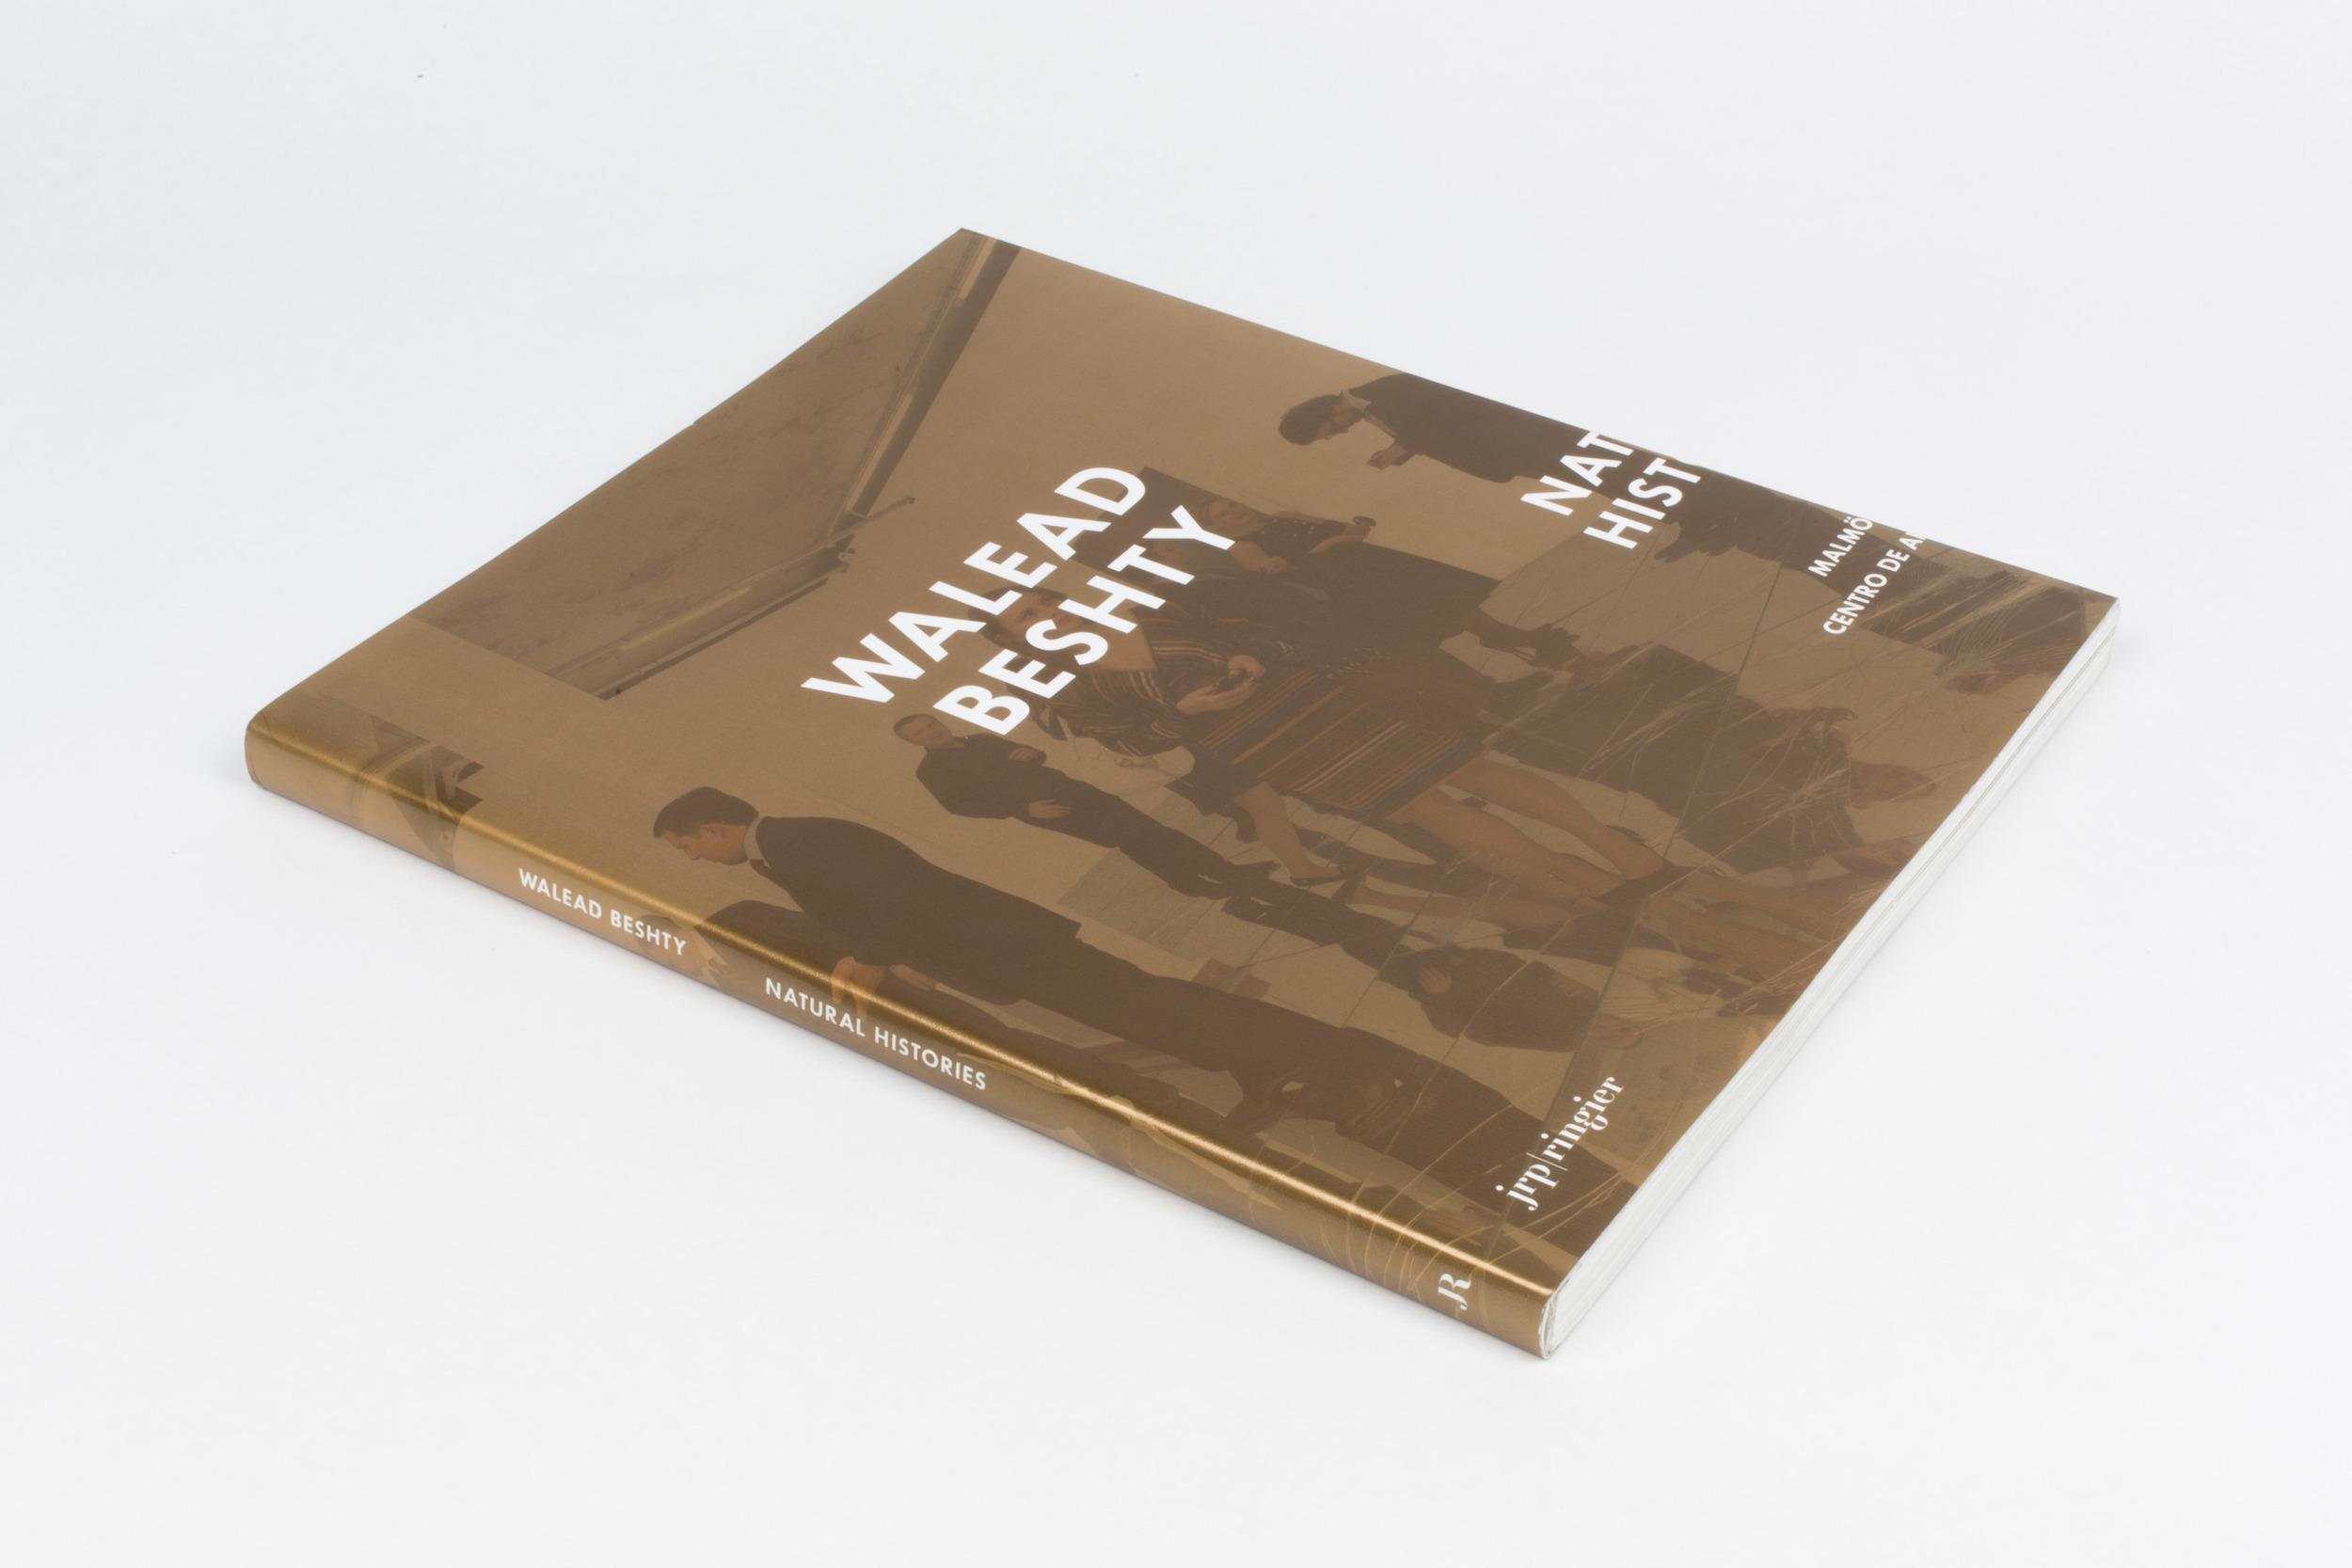 Walead Beshty: Natural Histories,  Zurich, Switzerland: JRP|Ringier, 2011).